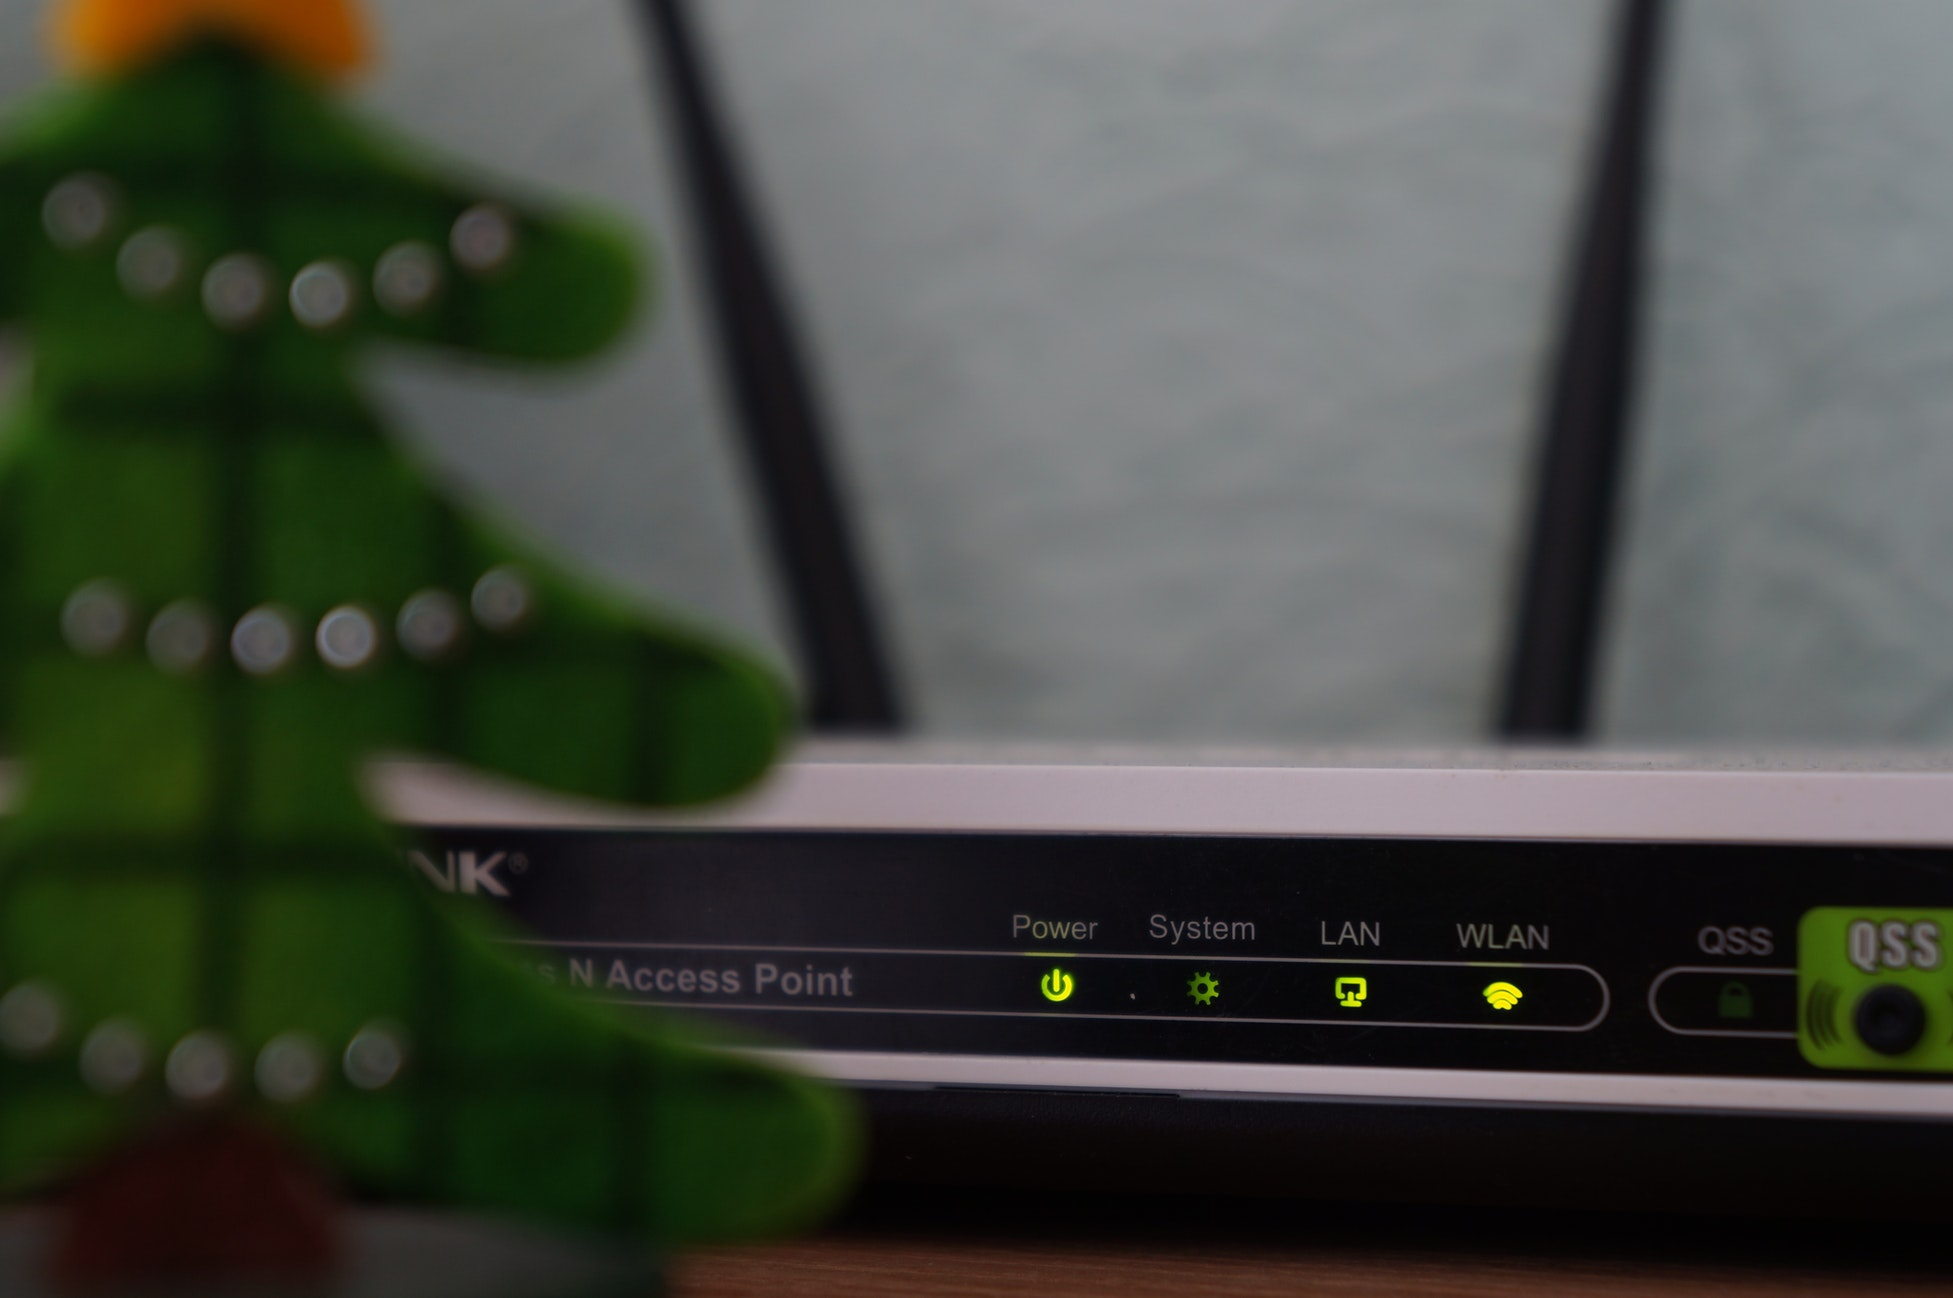 Einstellung und Anschlüsse von WiFi Routers